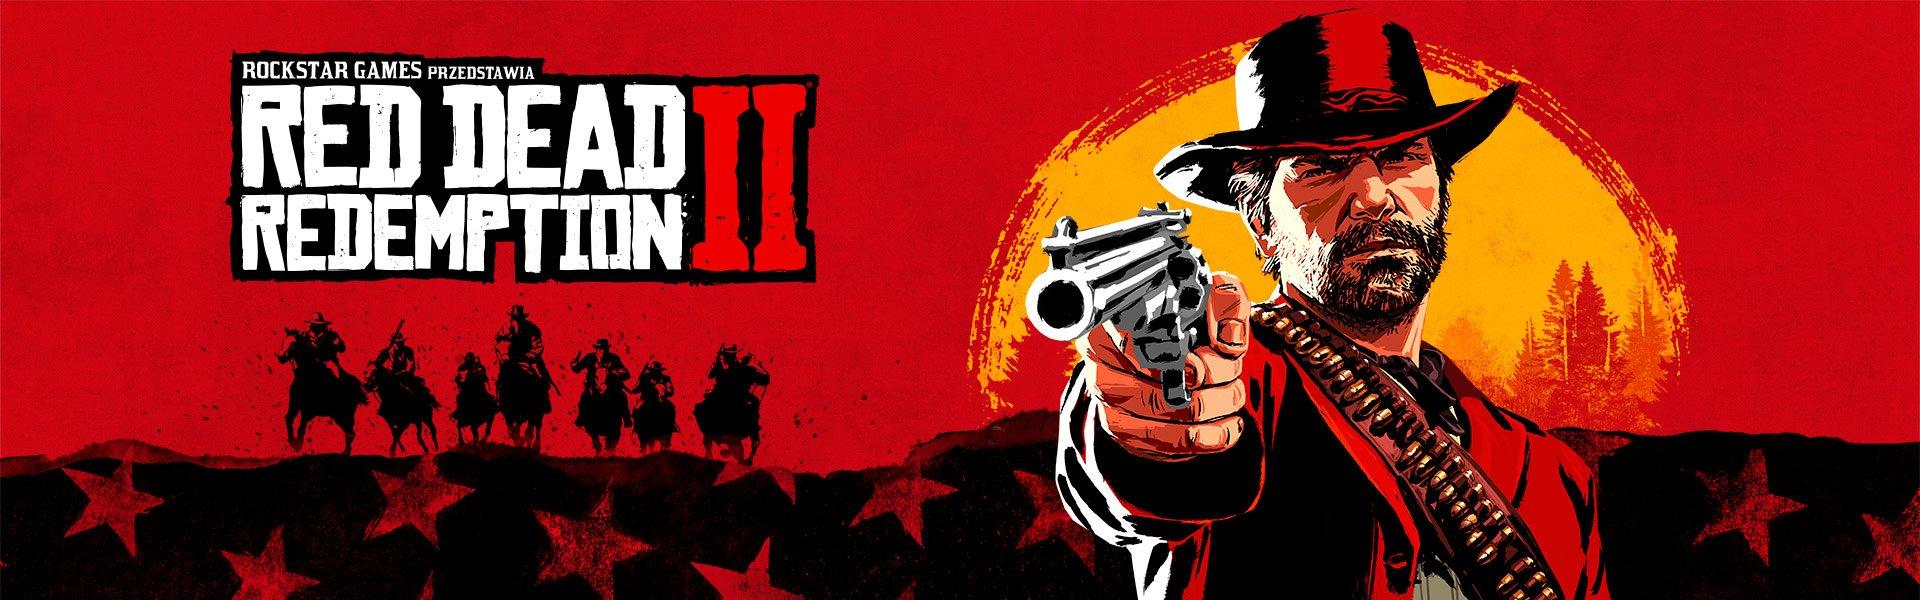 Wielka aktualizacja Red Dead Redemption 2 Online już dostępna! 19